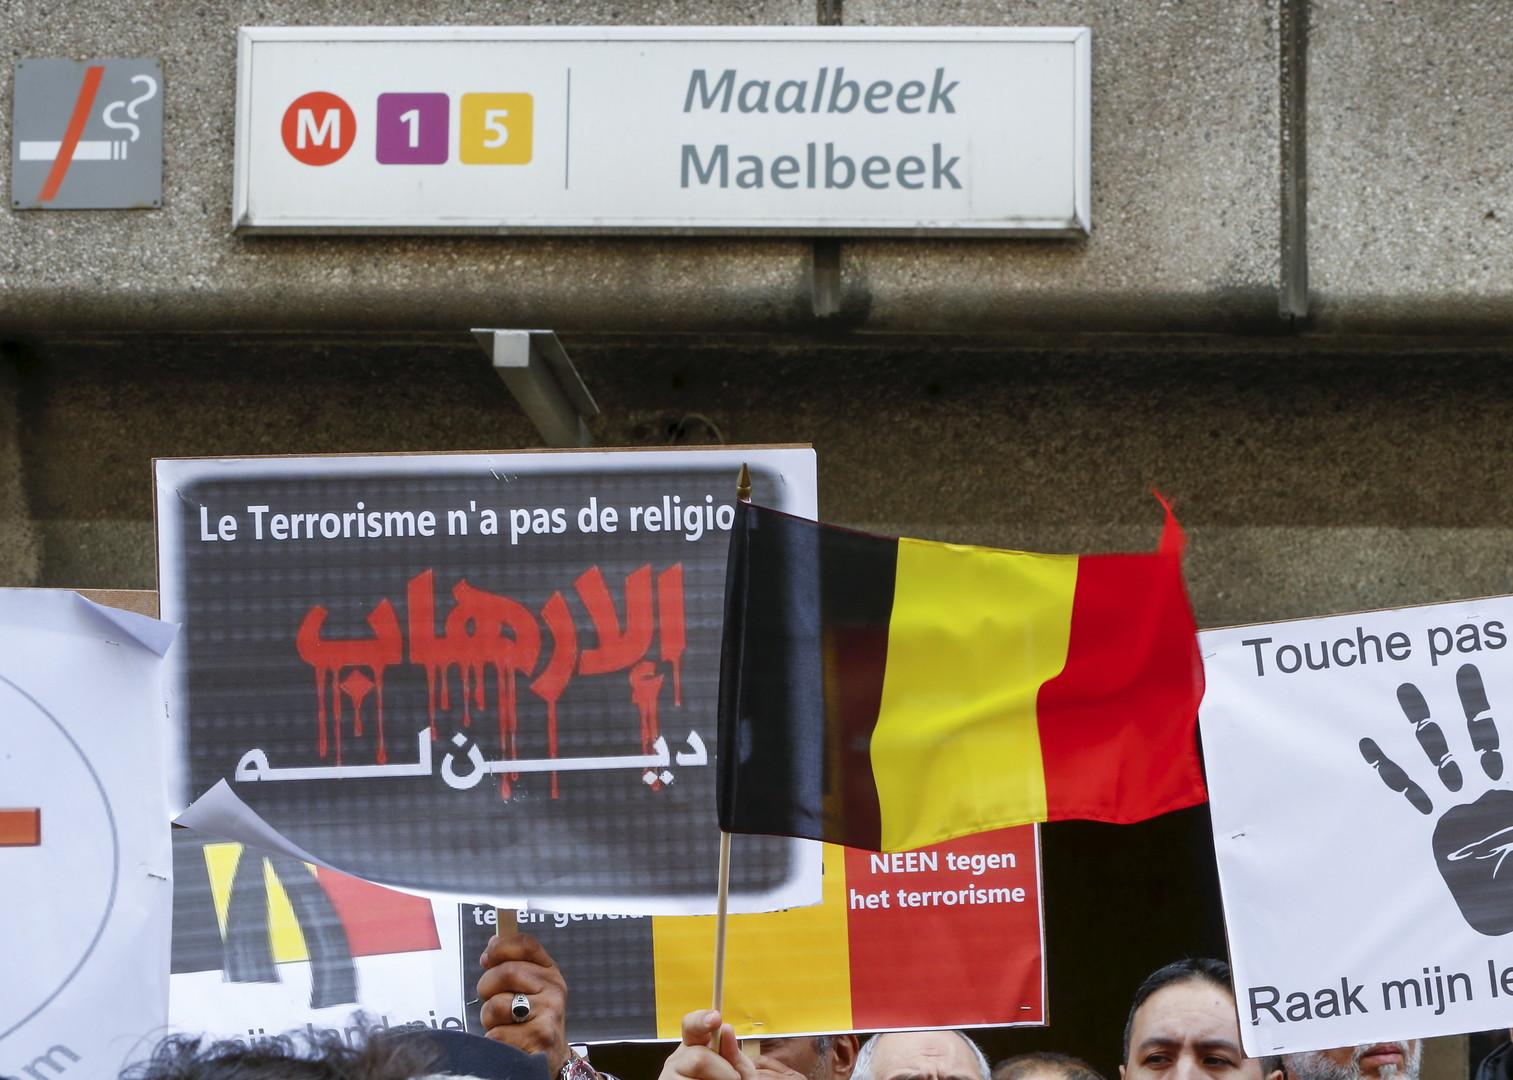 La station de métro de Maelbeek à Bruxelles a été le théâtre de l'explosion d'un kamikaze le 22 mars 2016